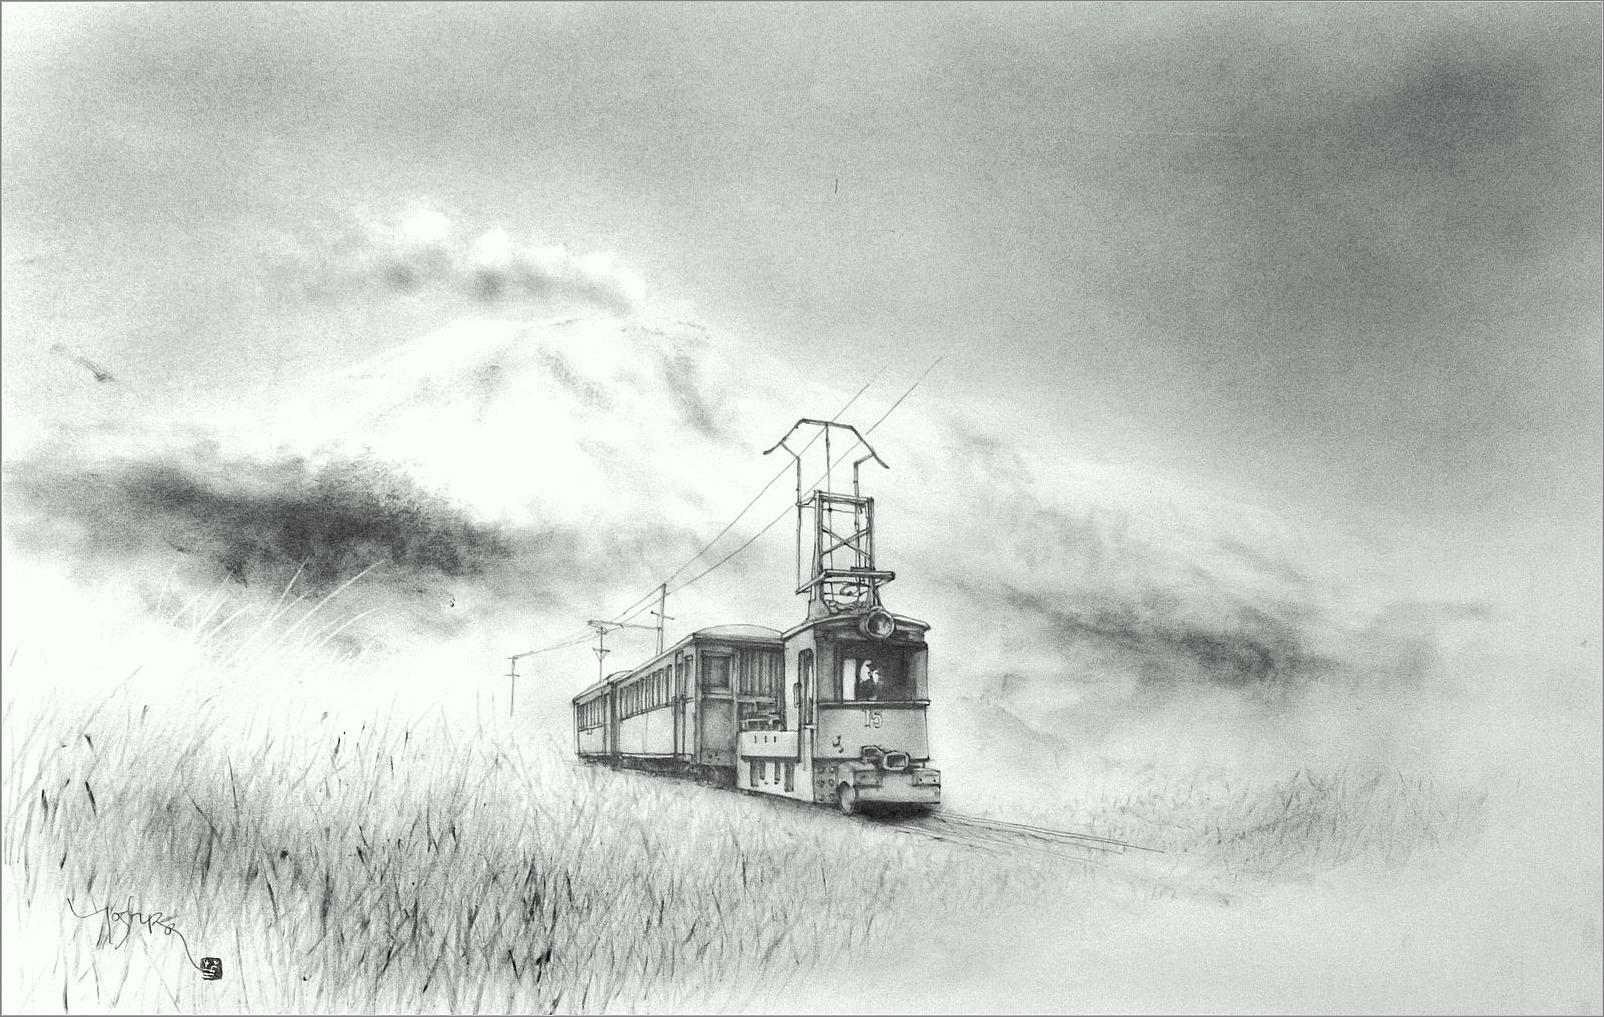 《【アーカイブス】『ヤマセミの渓から ――― ある谷の記憶と追想 》_e0143870_13422941.jpg